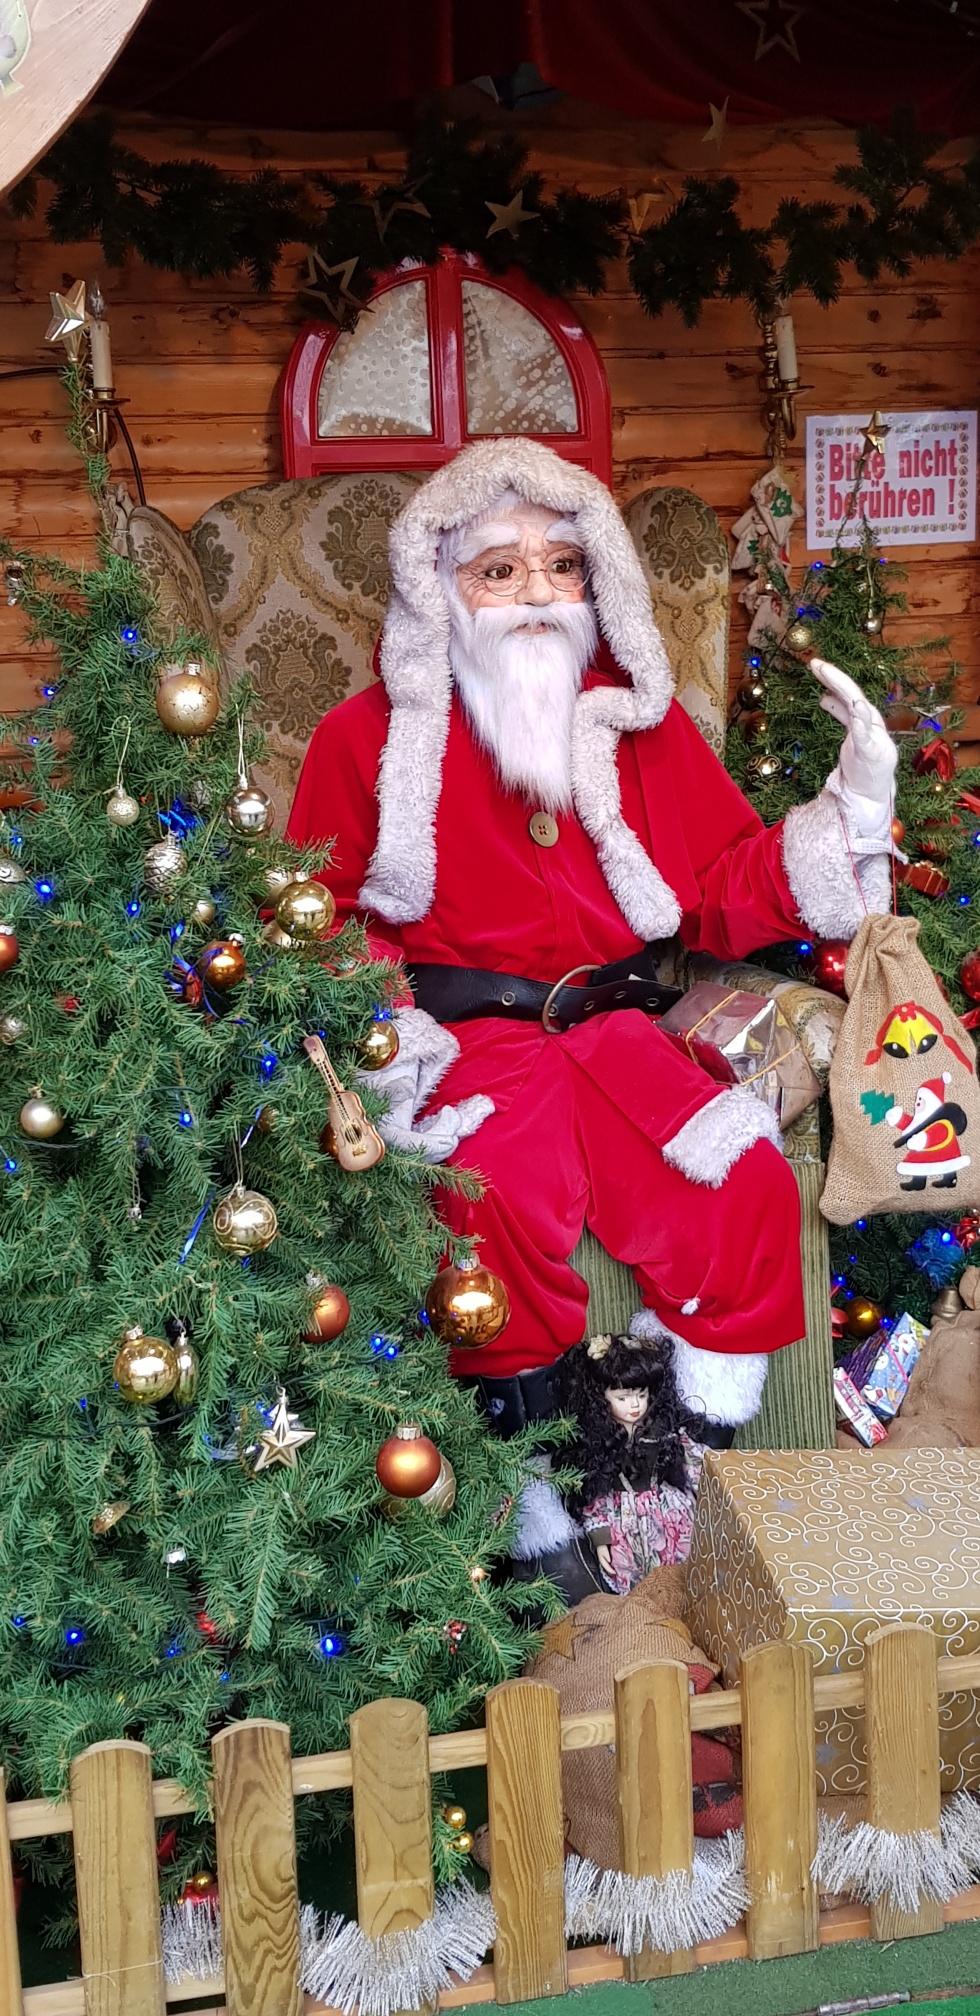 Veranstaltung Weihnachtsmarkt - Fürth - 29.11.2018 bis 23.12.2018 ...